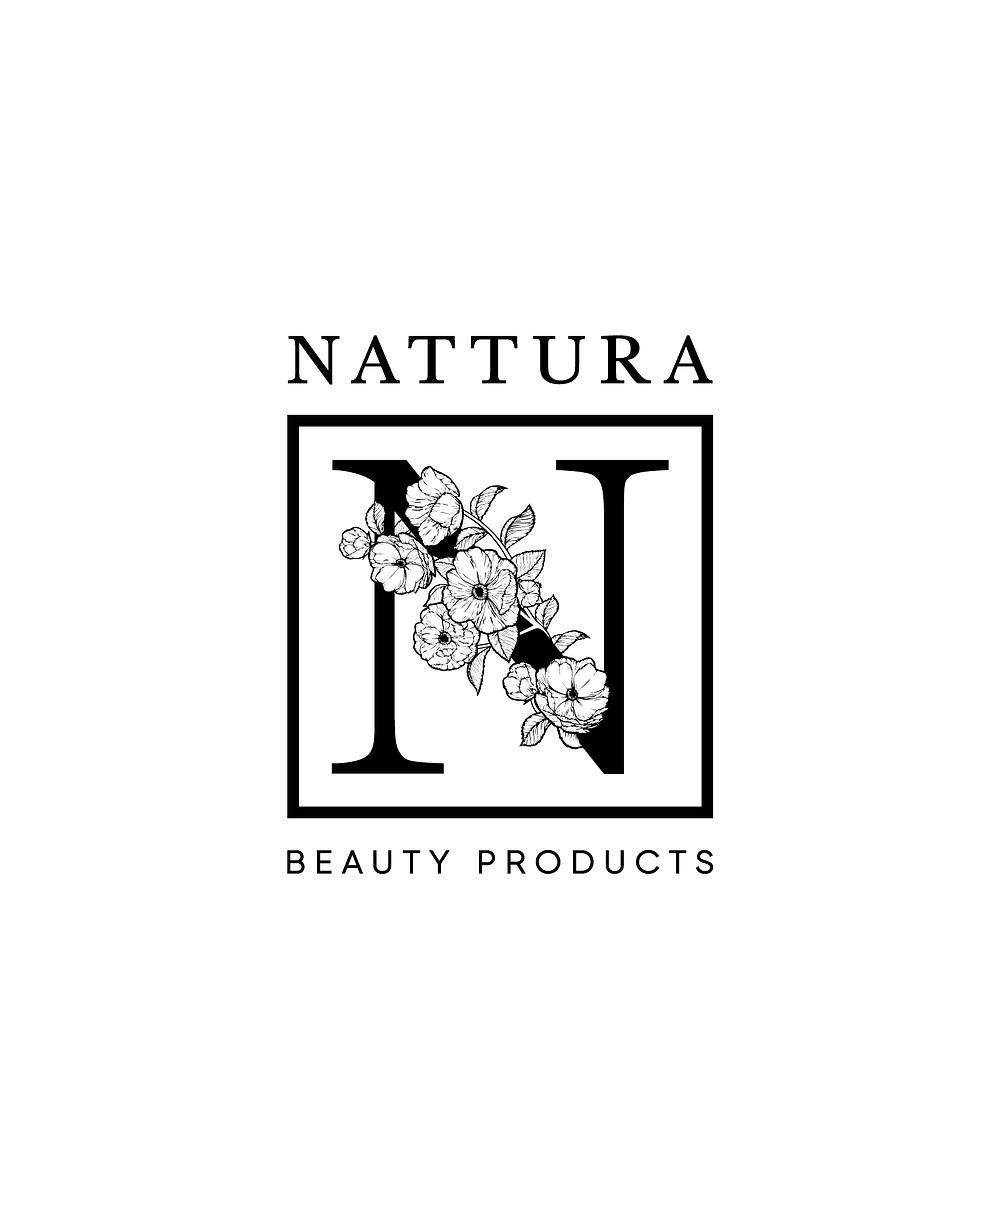 Nattura Beauty Products - Logo